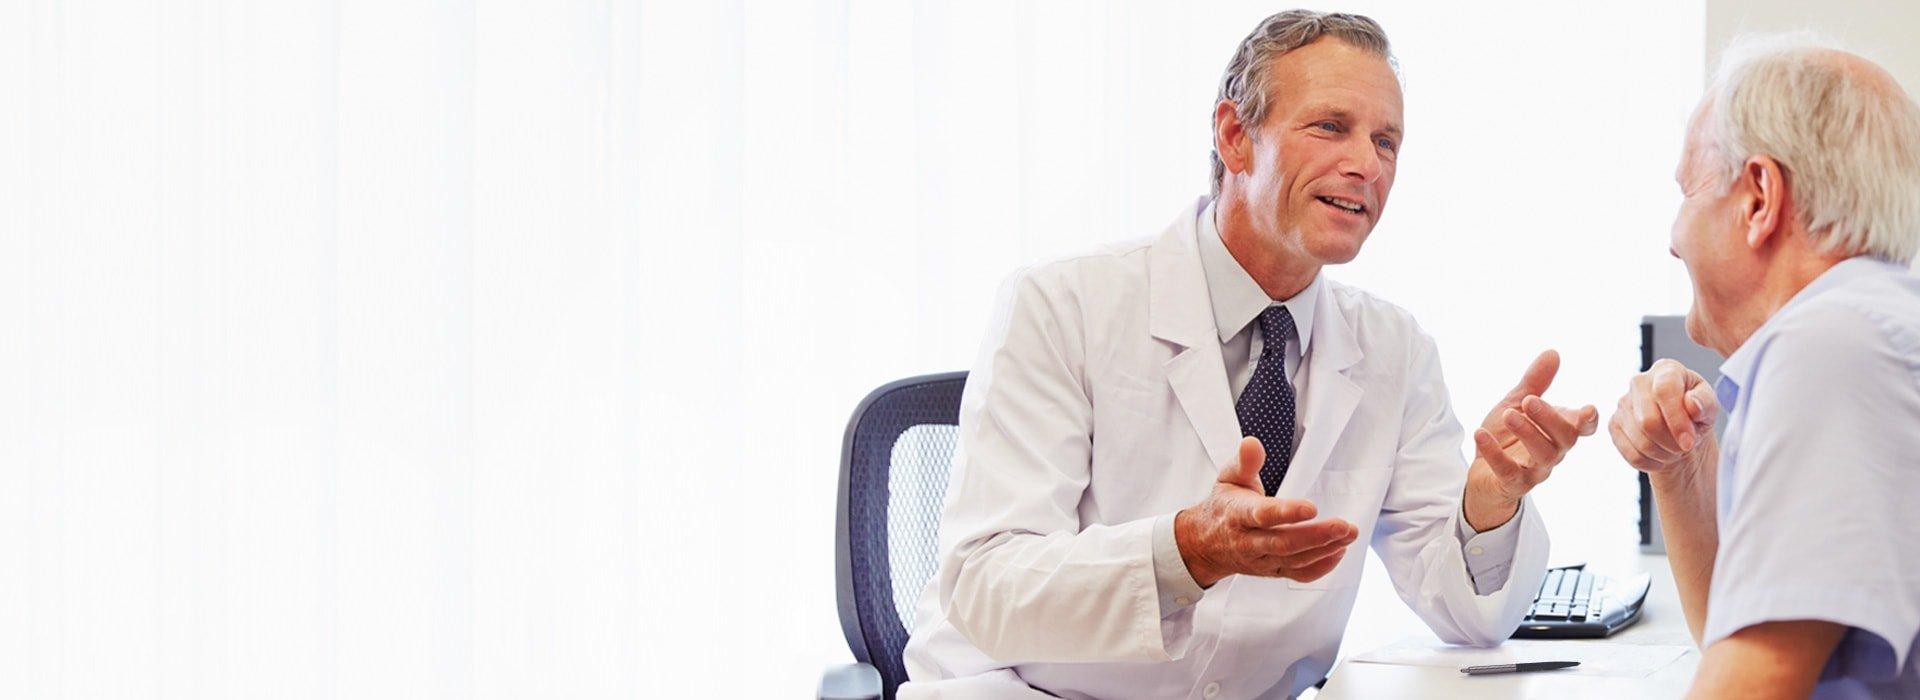 Um homem durante uma consulta a um audiologista ou especialista em reabilitação auditiva.